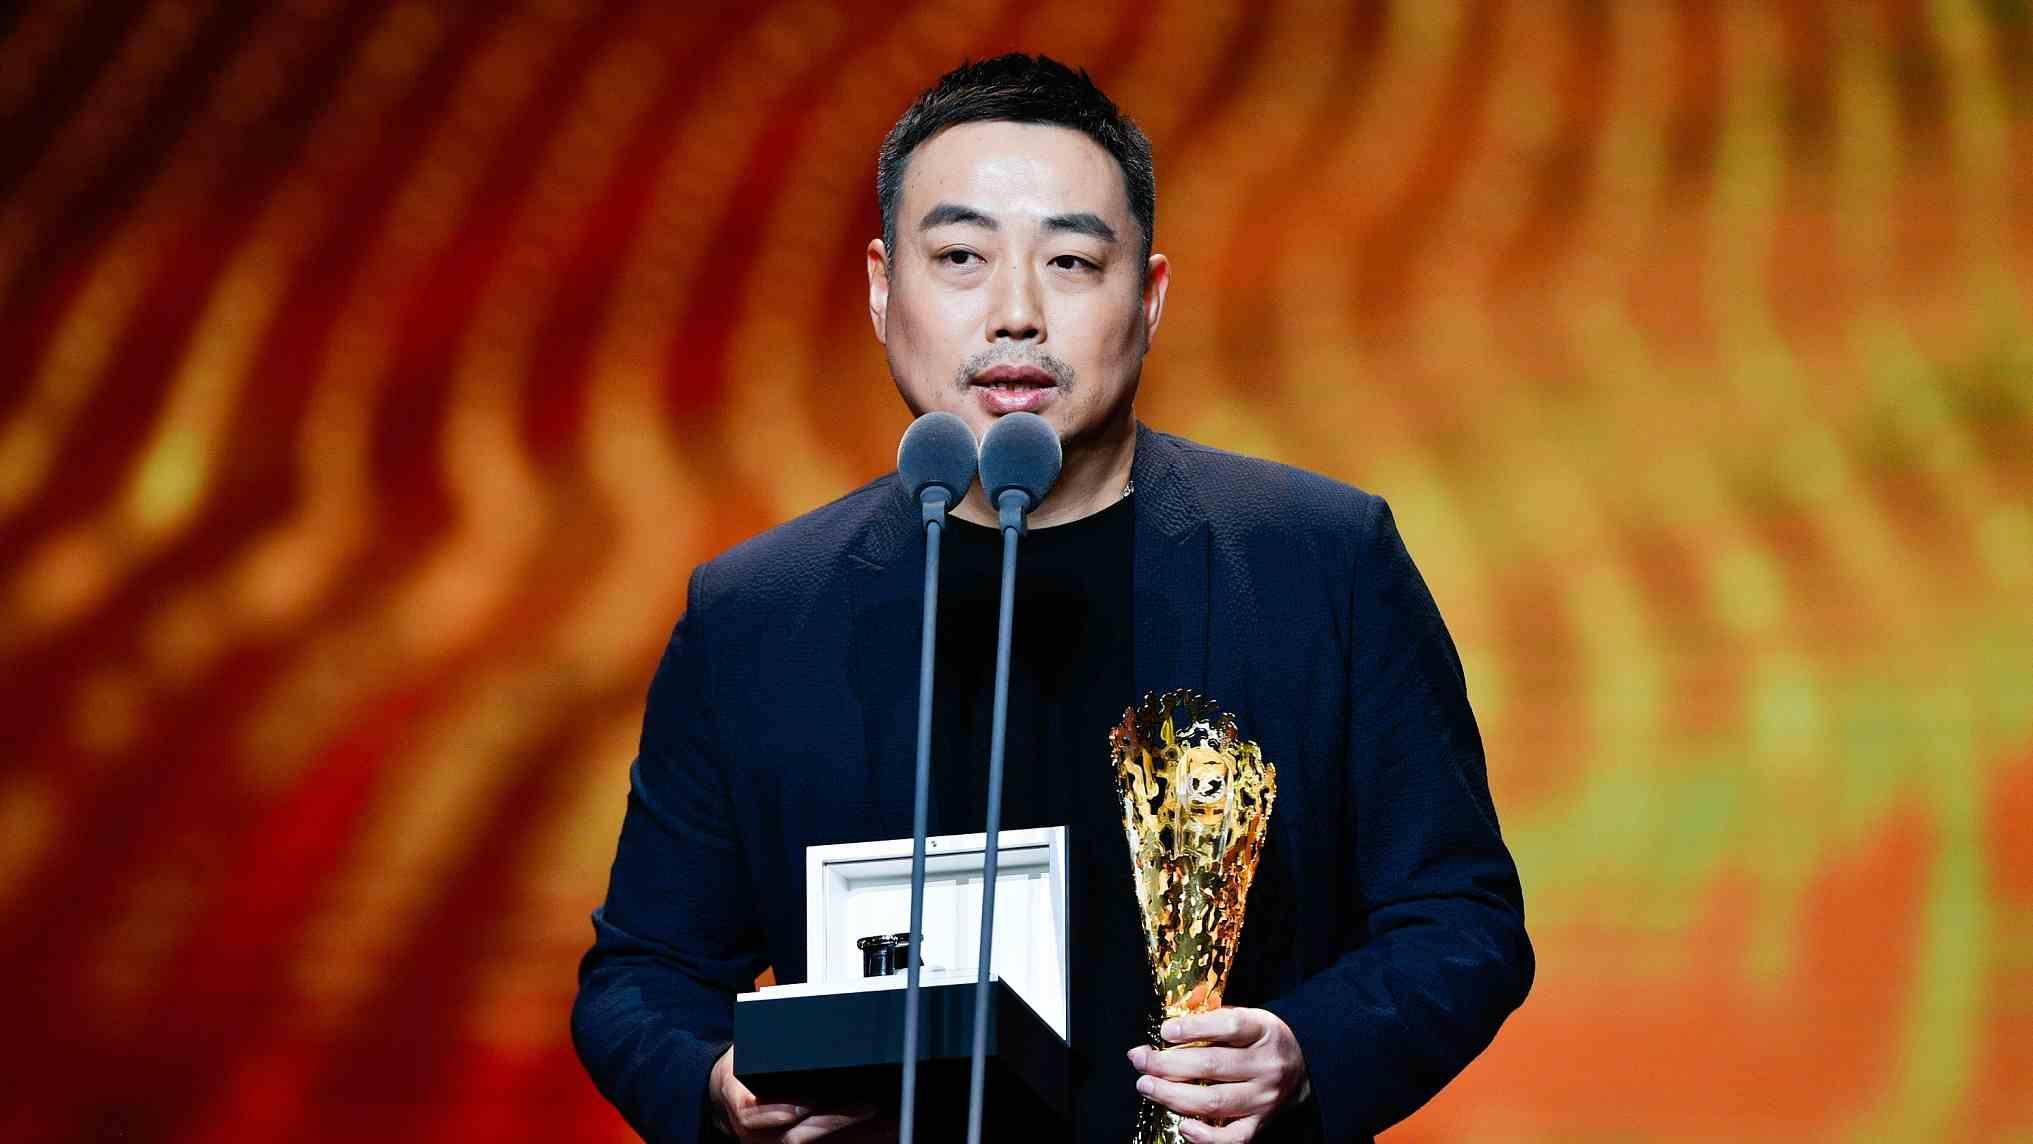 Liu Guoliang